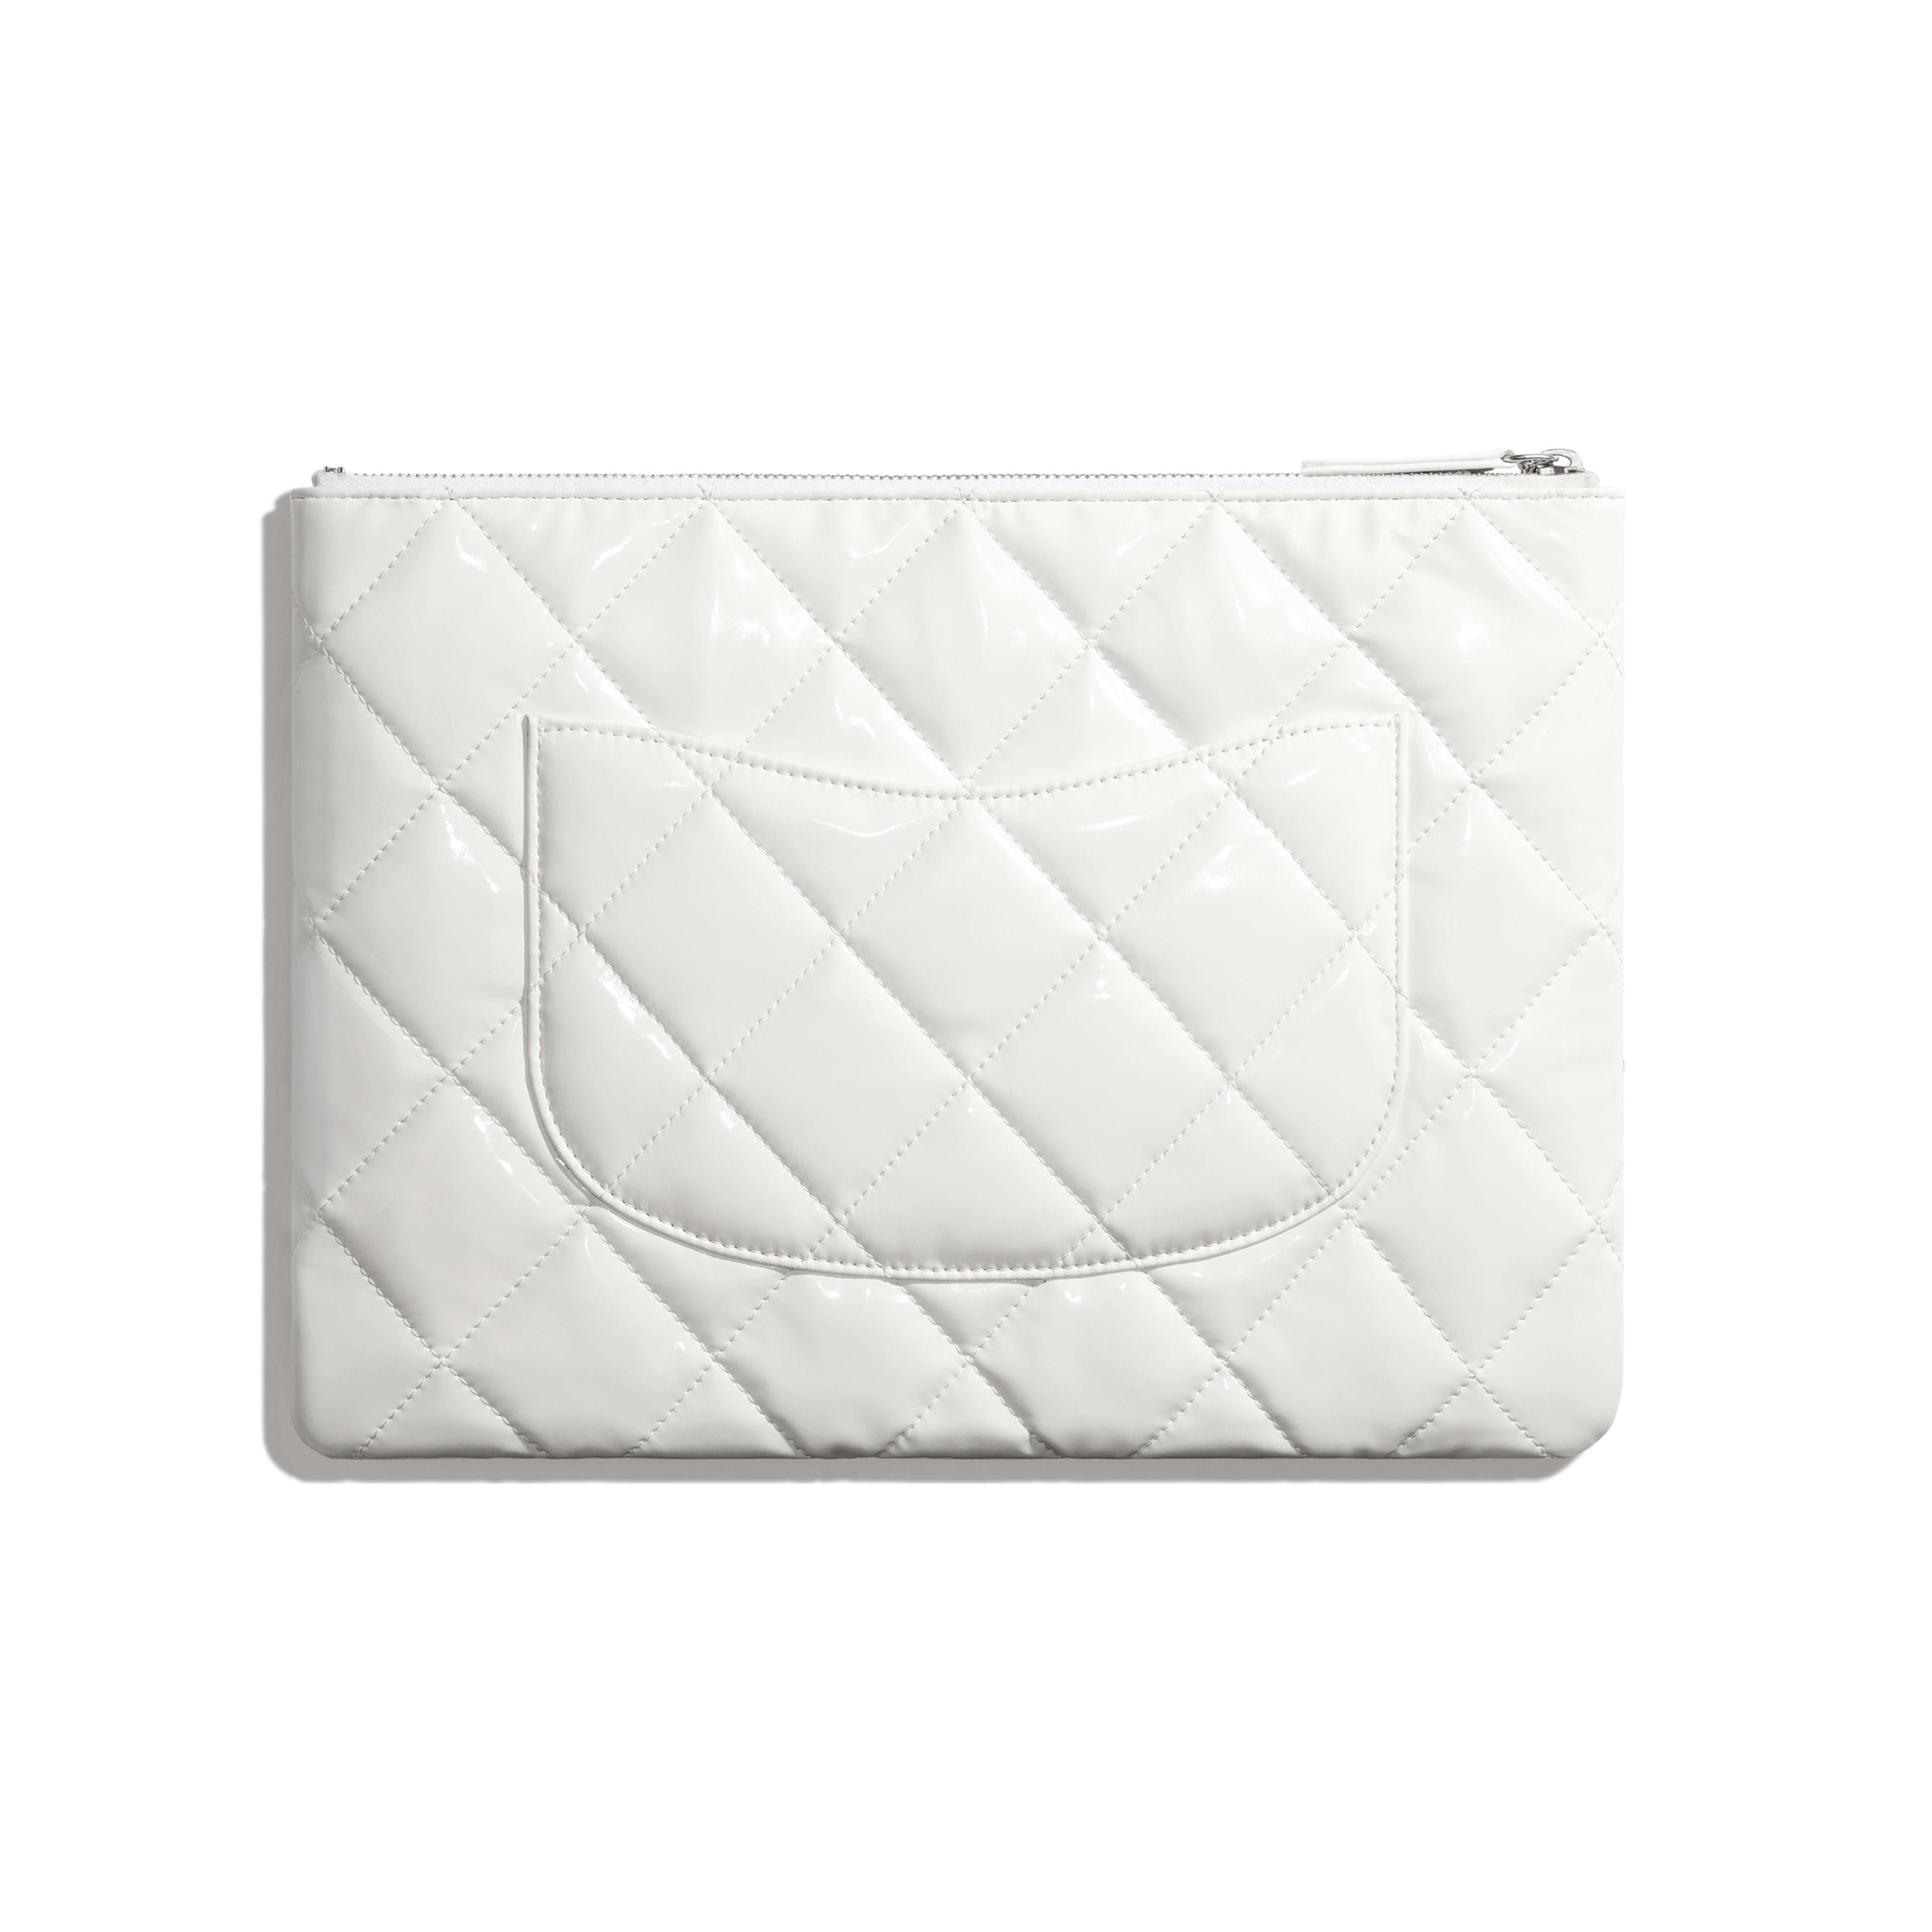 กระเป๋าเพาช์ - สีขาวและสีเงิน - ไวนีลปักประดับ และโลหะสีเงิน - มุมมองทางอื่น - ดูเวอร์ชันขนาดเต็ม